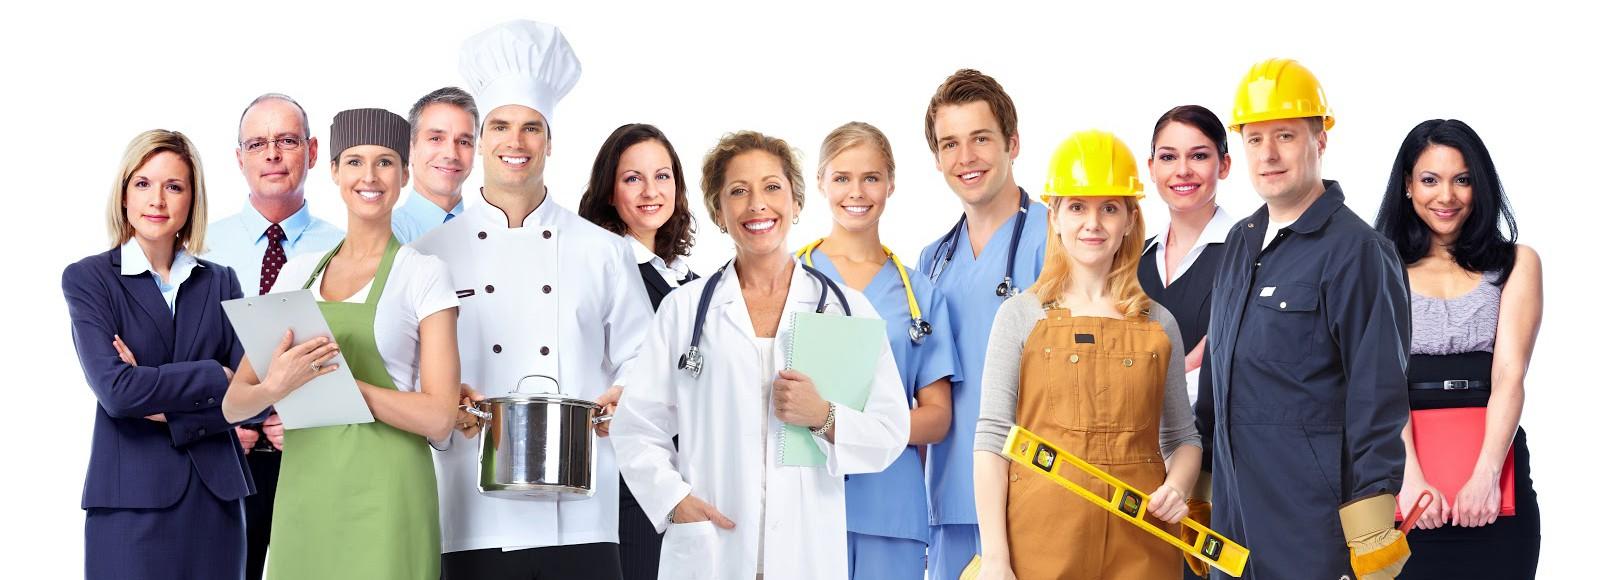 Сфера услуг: бытовое обслуживание населения — что это такое?